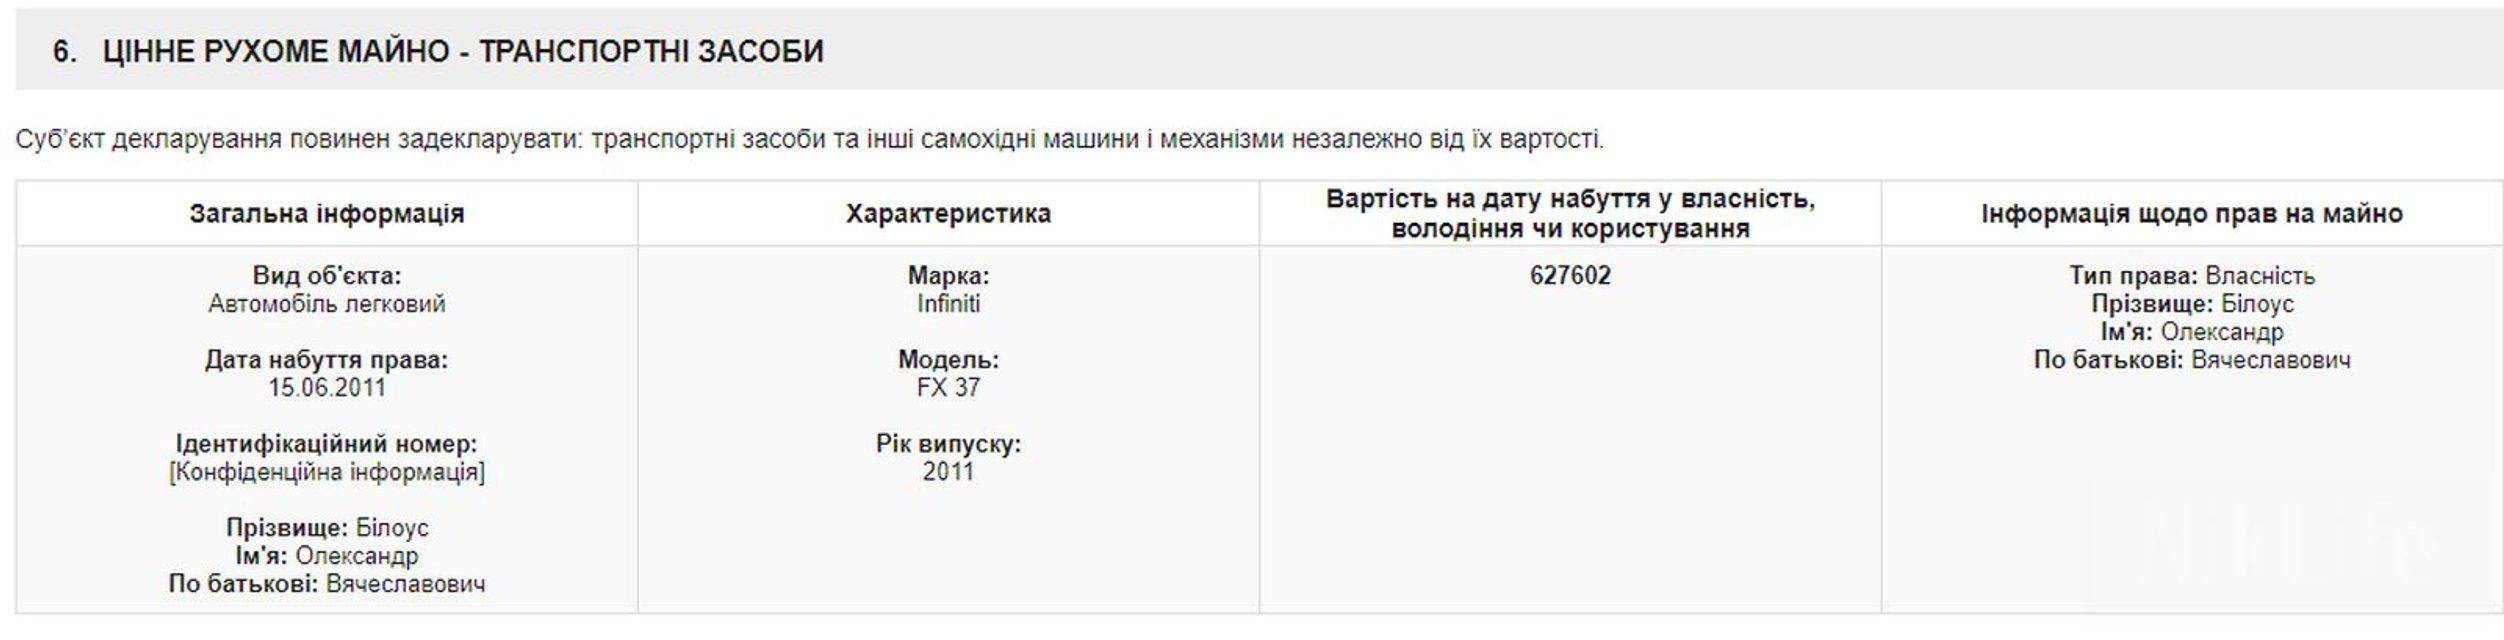 Прокуратуру Киева может возглавить скандальный фигурант уголовных дел СБУ - фото 192787